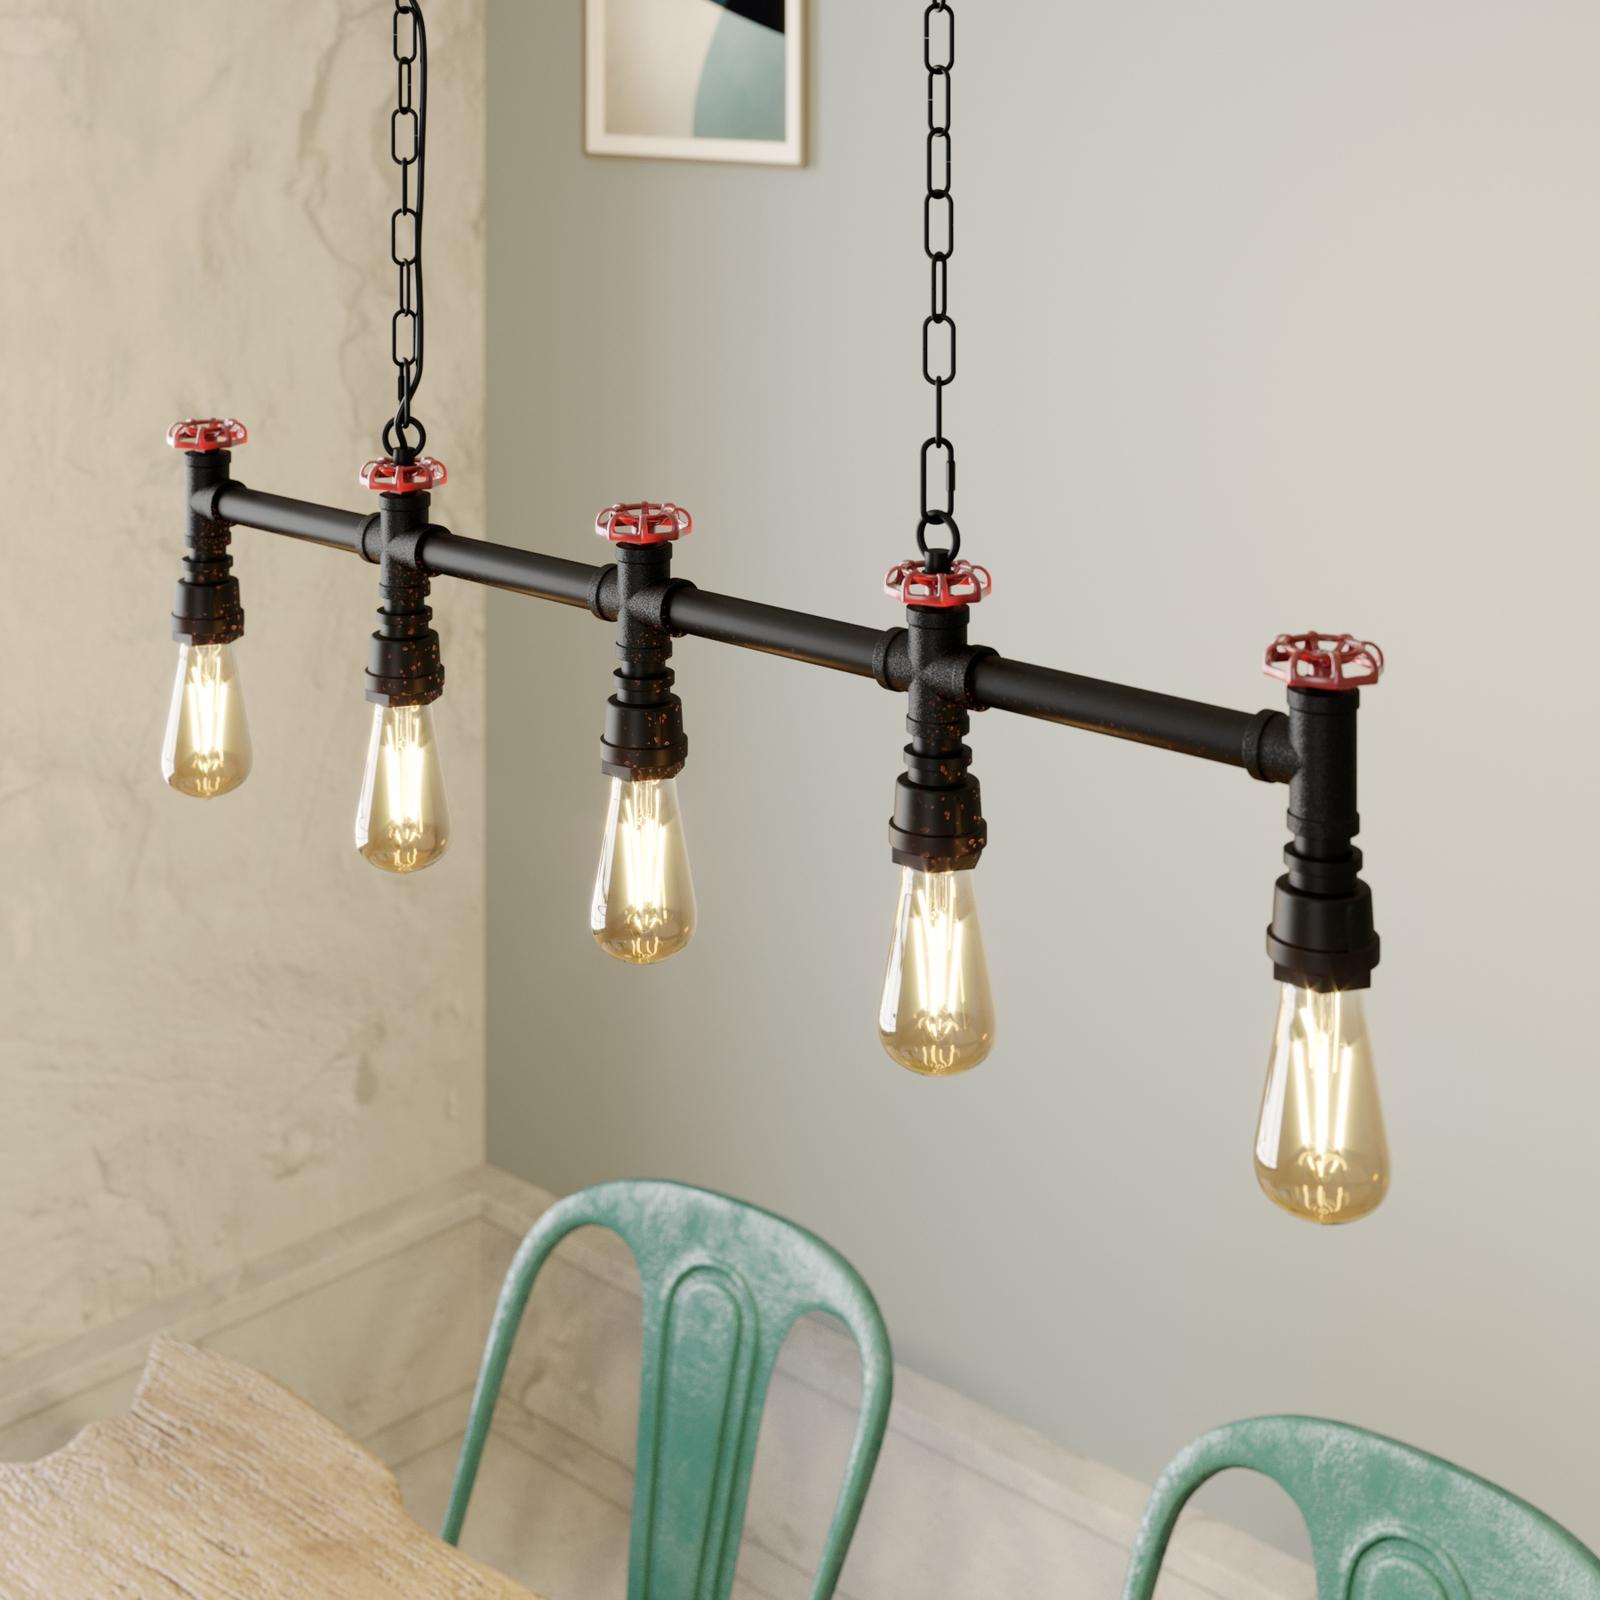 Lindby Zlata hængelampe, 5 lk., industriel stil